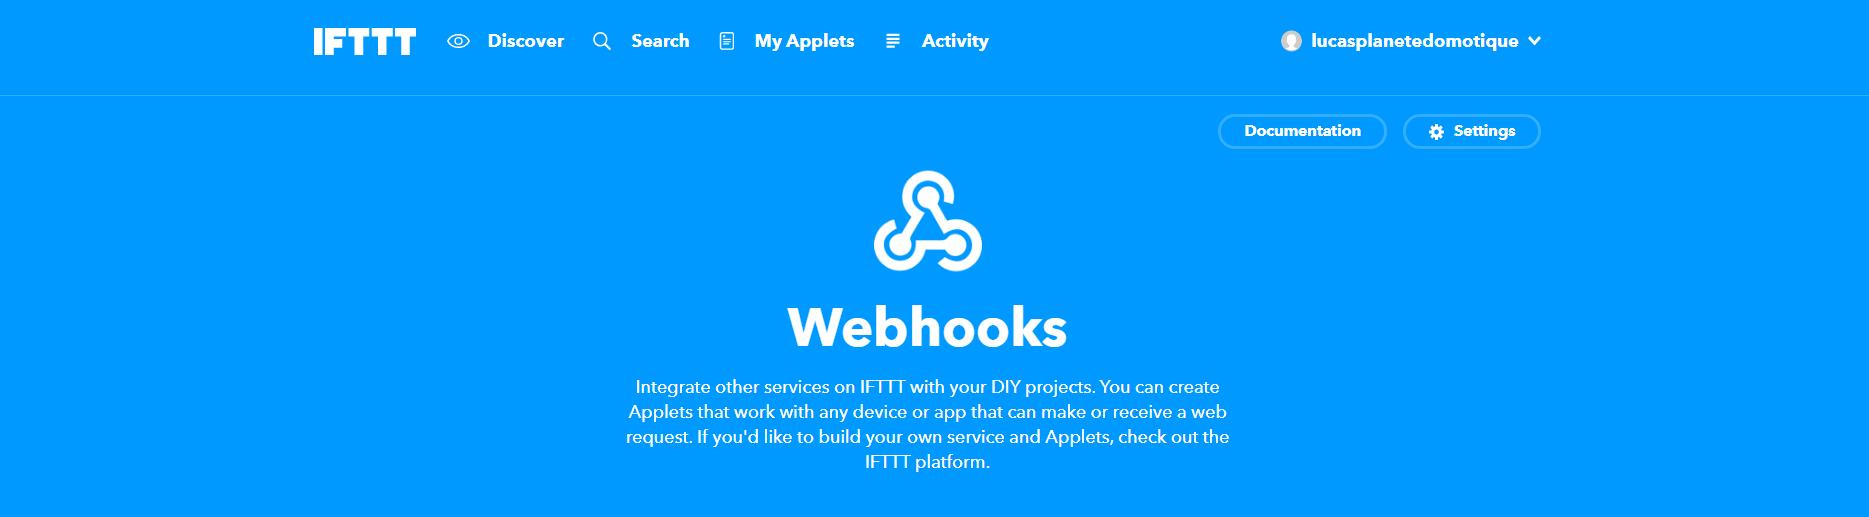 Utiliser les requetes HTTP pour être notifié en VoIP et mail avec IFTTT